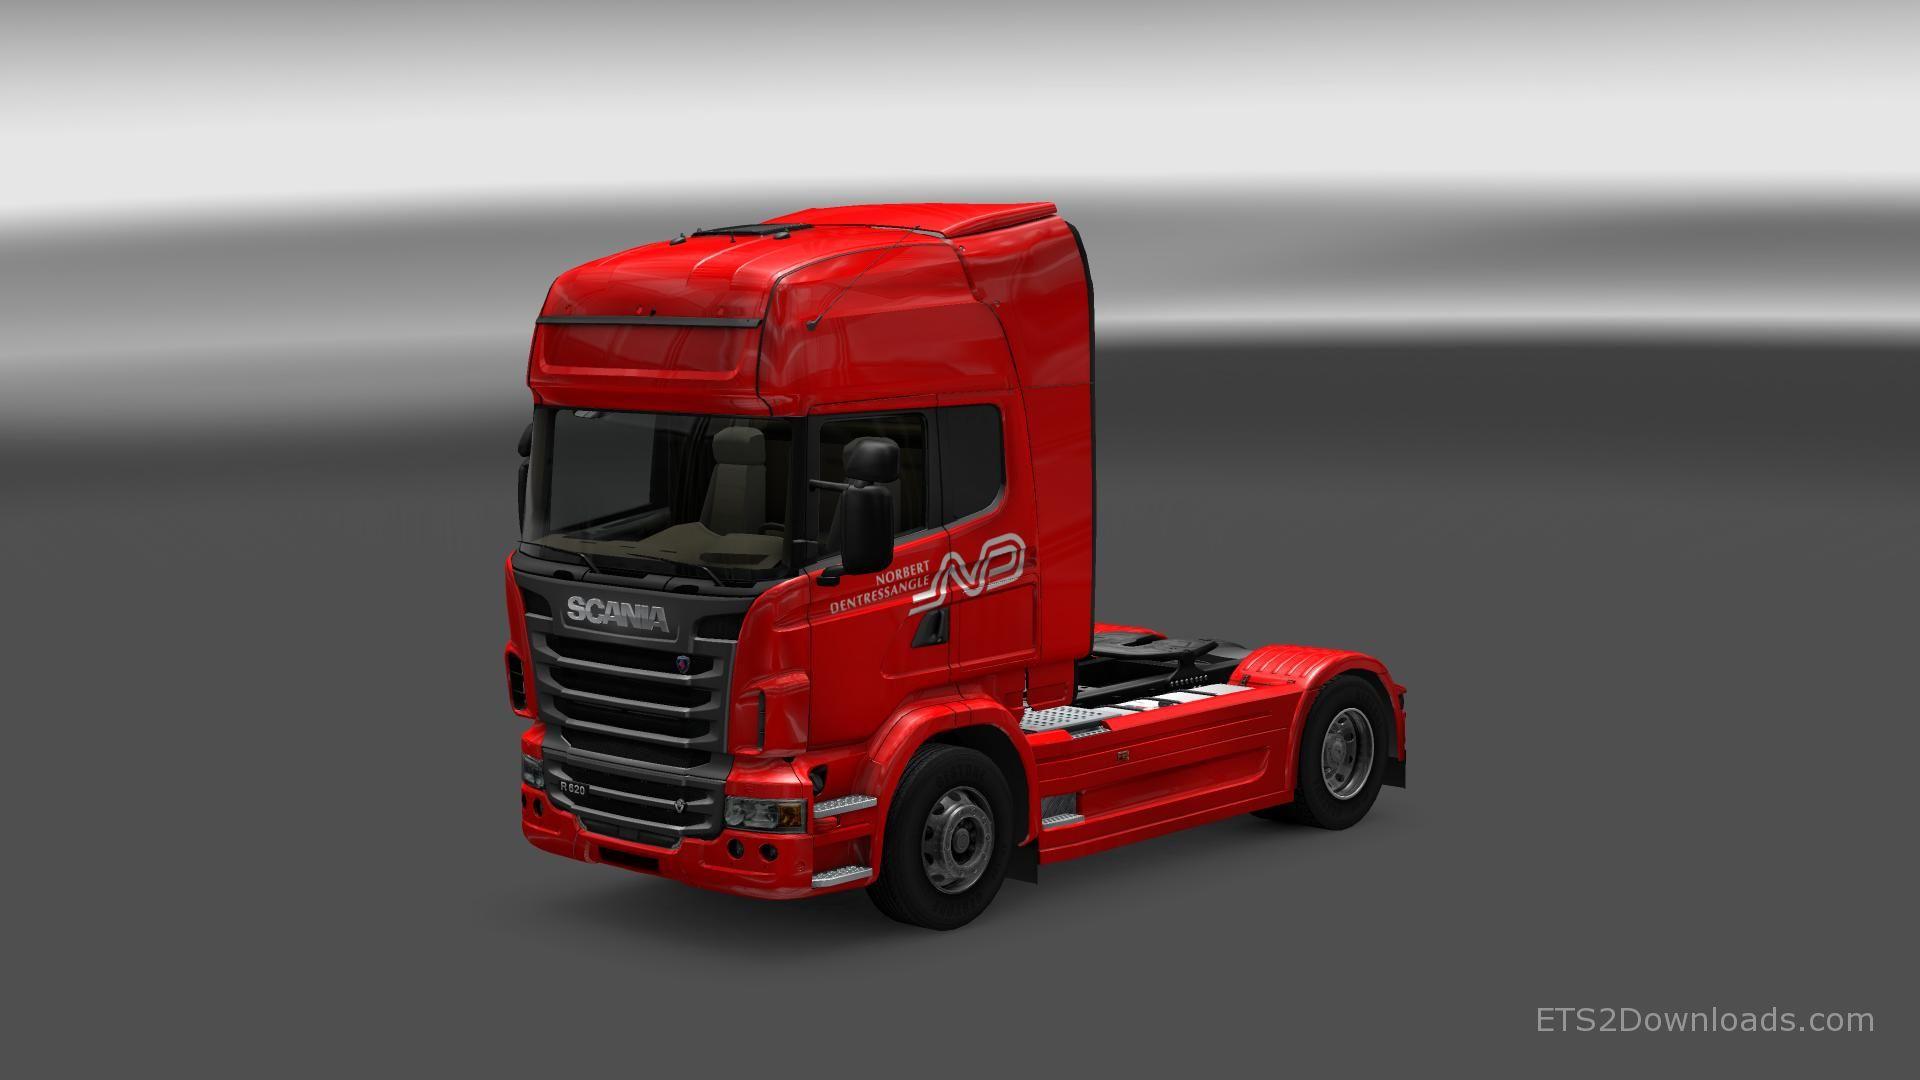 norbet-dentressangle-skin-pack-for-all-trucks-7